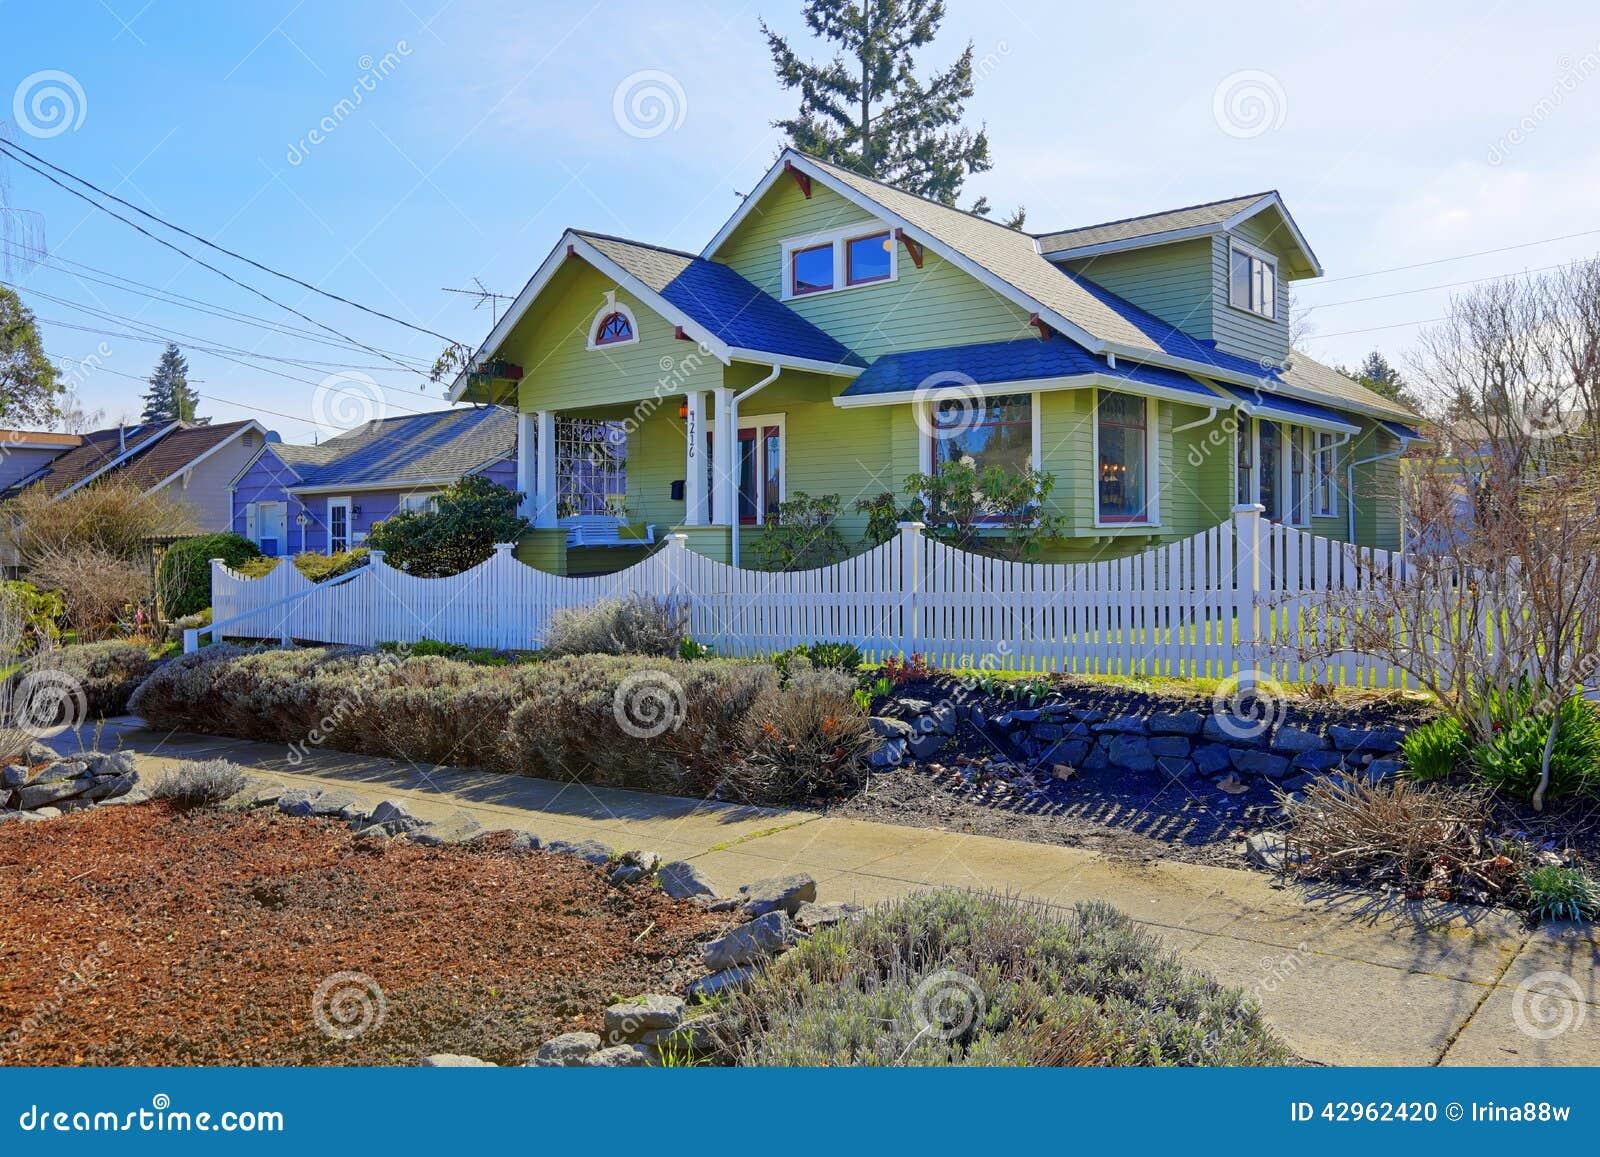 Blue Porch Light Autism Home Design Inspirations